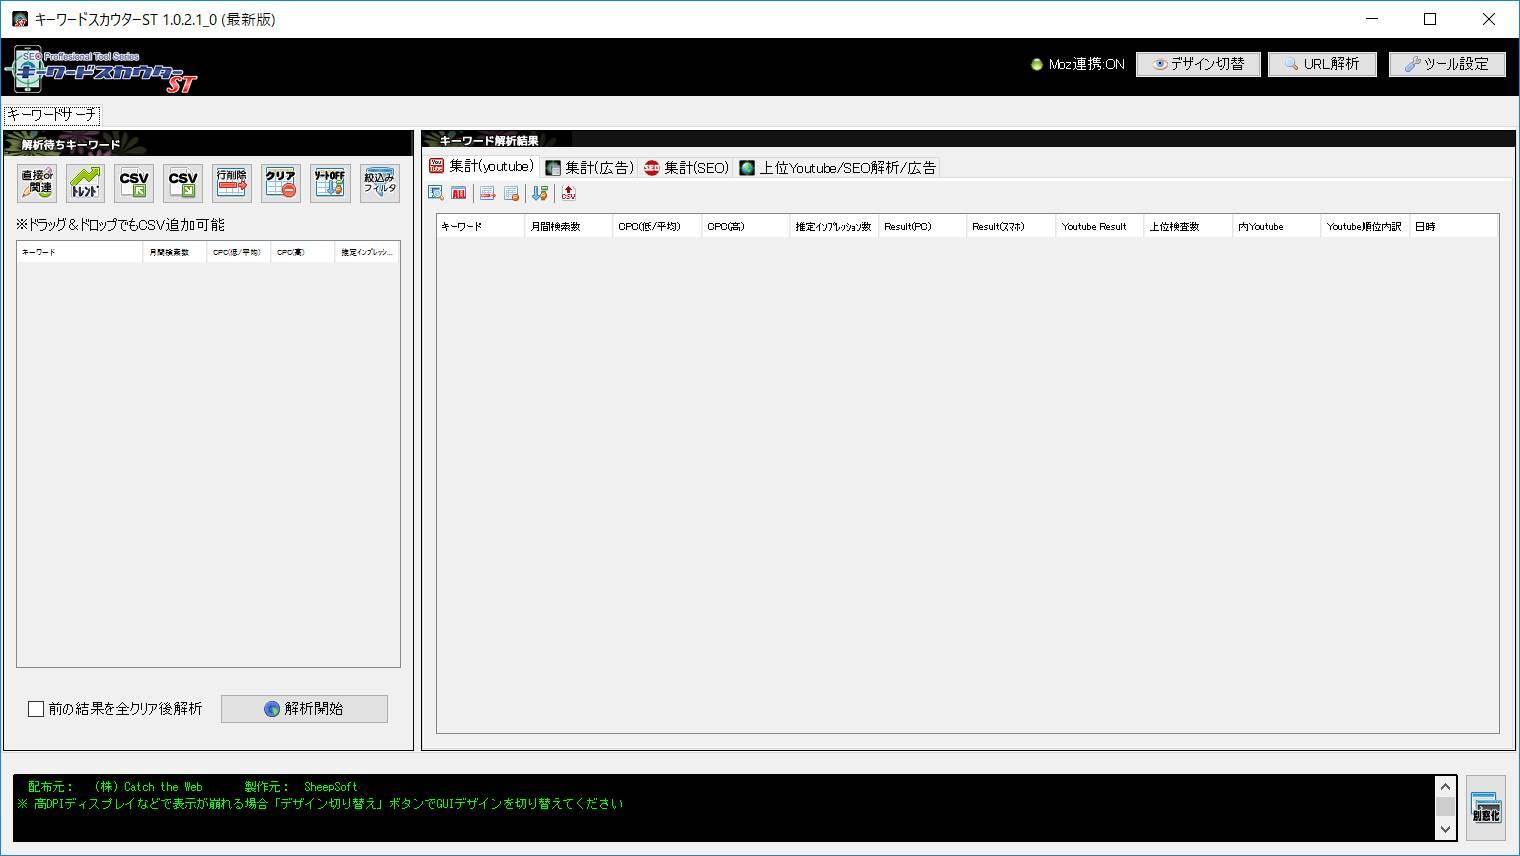 キーワードスカウターSTの分析画面